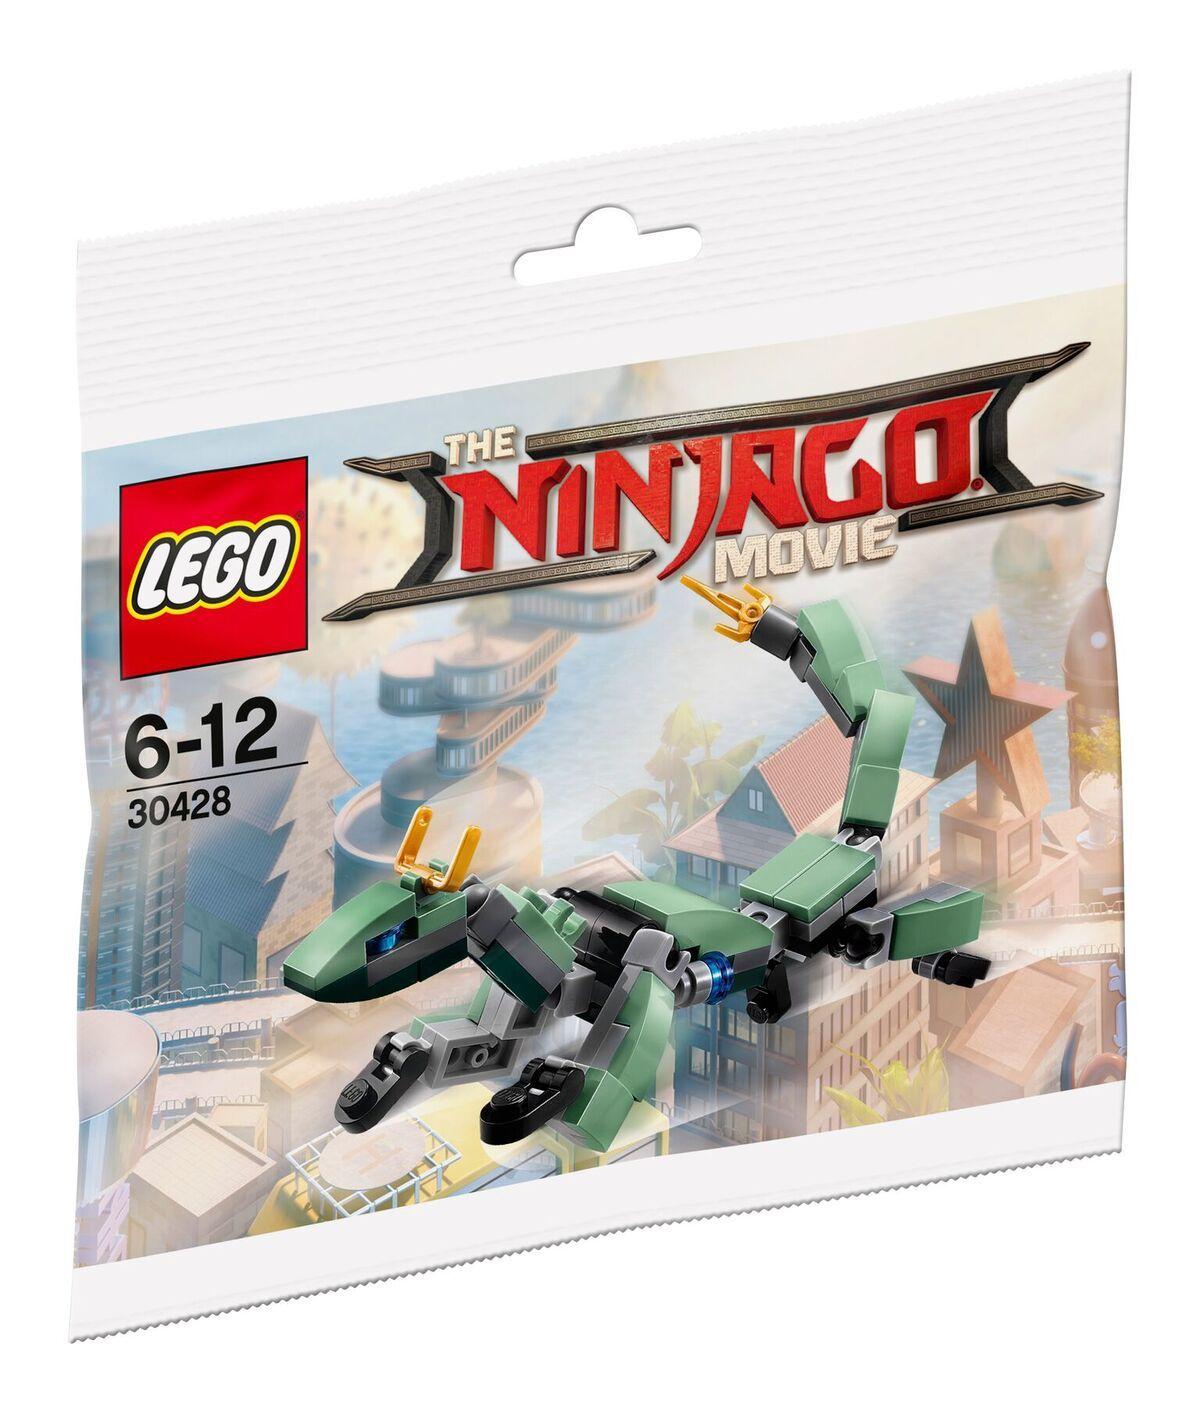 Quà tặng từ phim 'The Lego Ninjago'